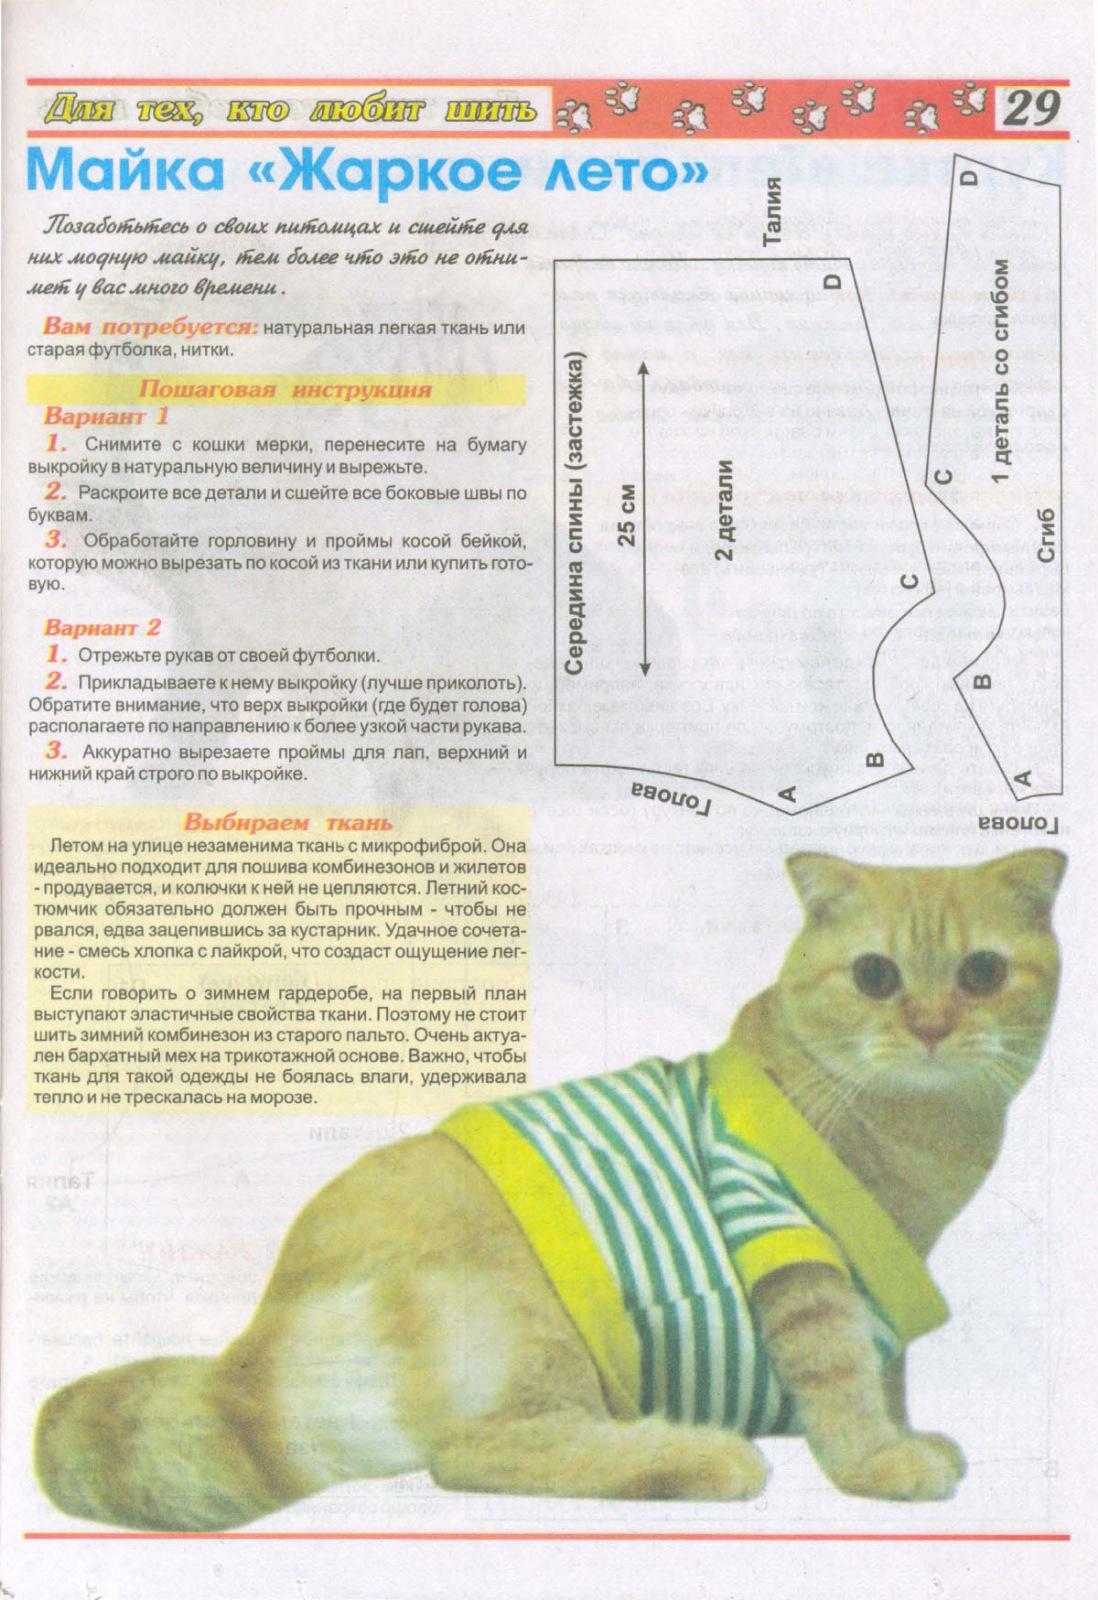 Пошаговая инструкция по изготовлению майки для кота